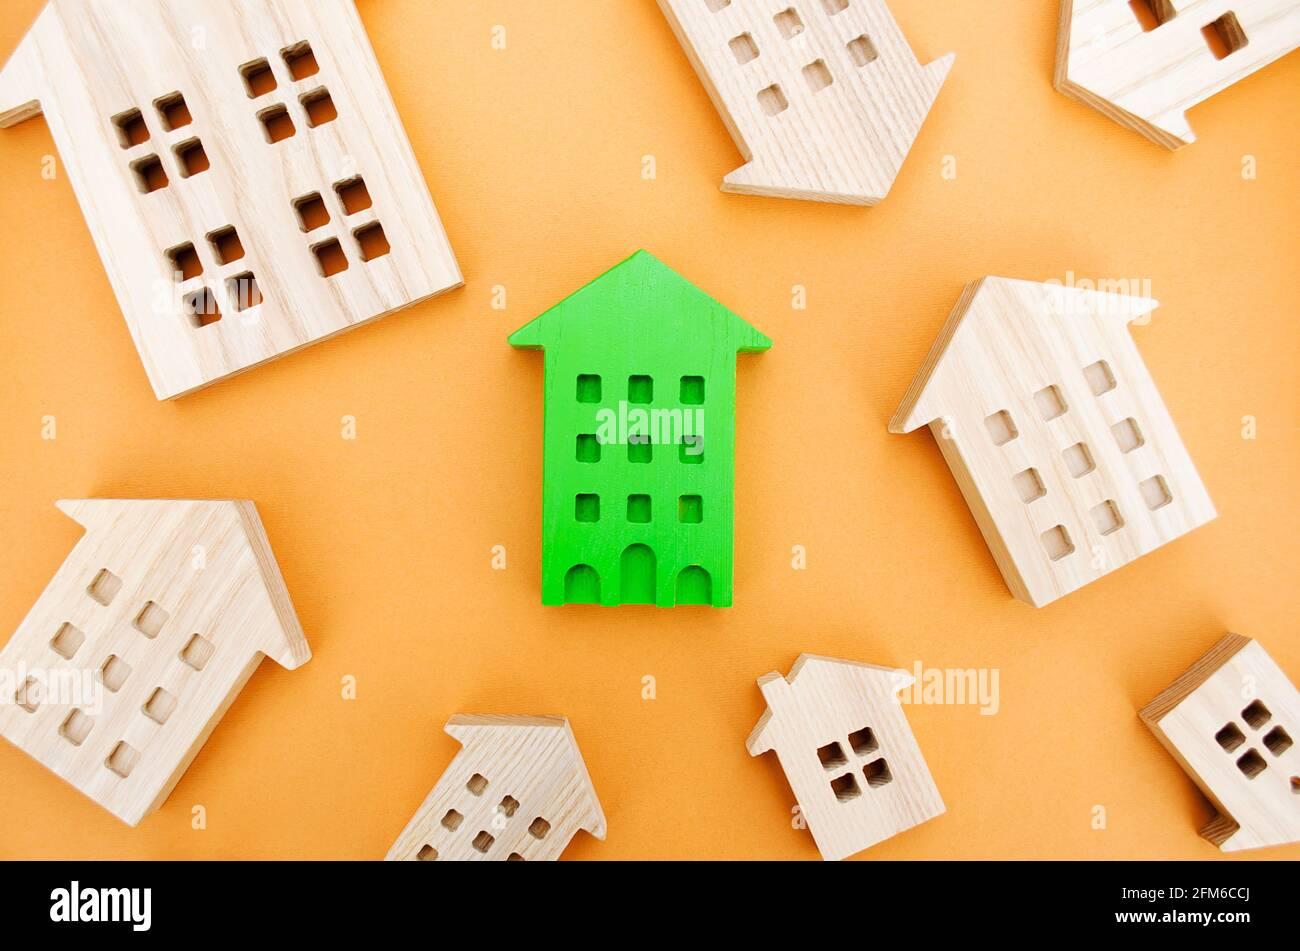 Muchas casas de madera en miniatura. Concepto de bienes raíces. Elija una vivienda asequible. Comprar y vender viviendas. Análisis de mercado. Demanda de vivienda. En aumento Foto de stock